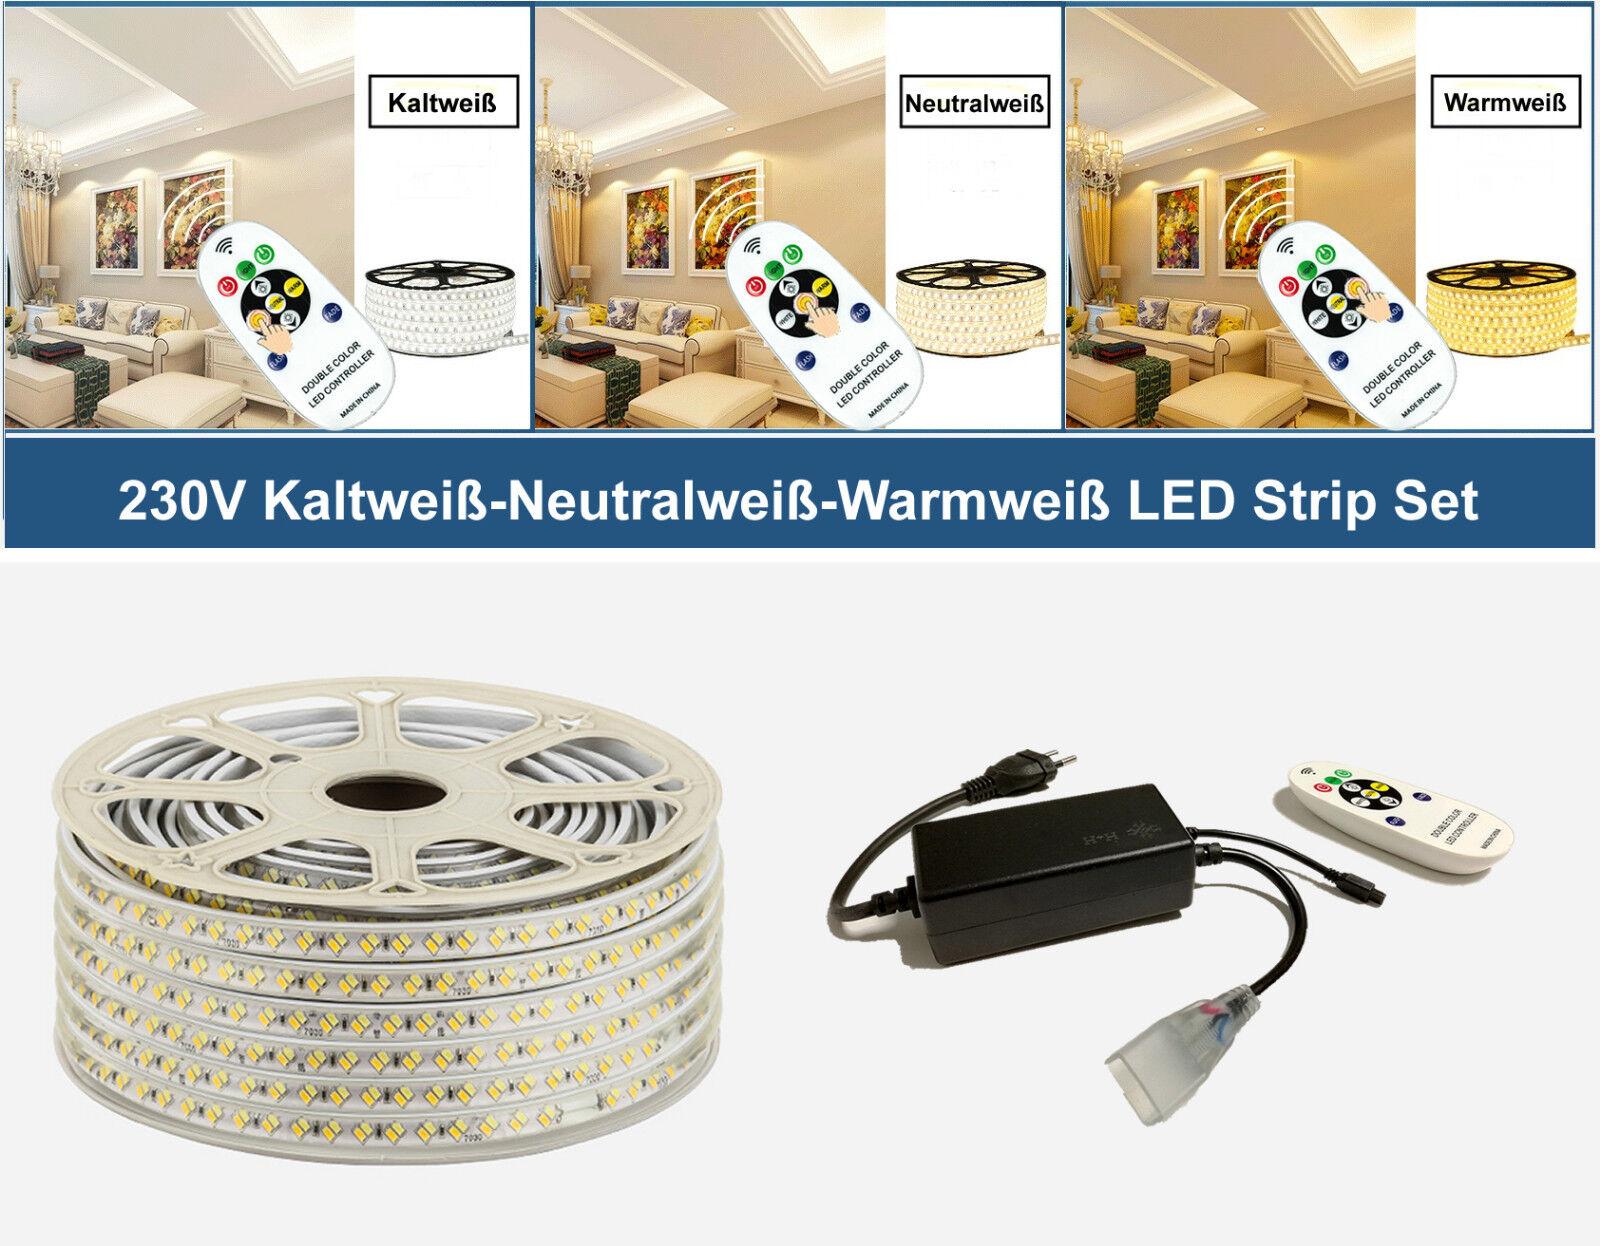 2-50 Meter 230V LED Warmweiß Kaltweiß Neutralweiß Strip Streifen 144 LEDs M IP67